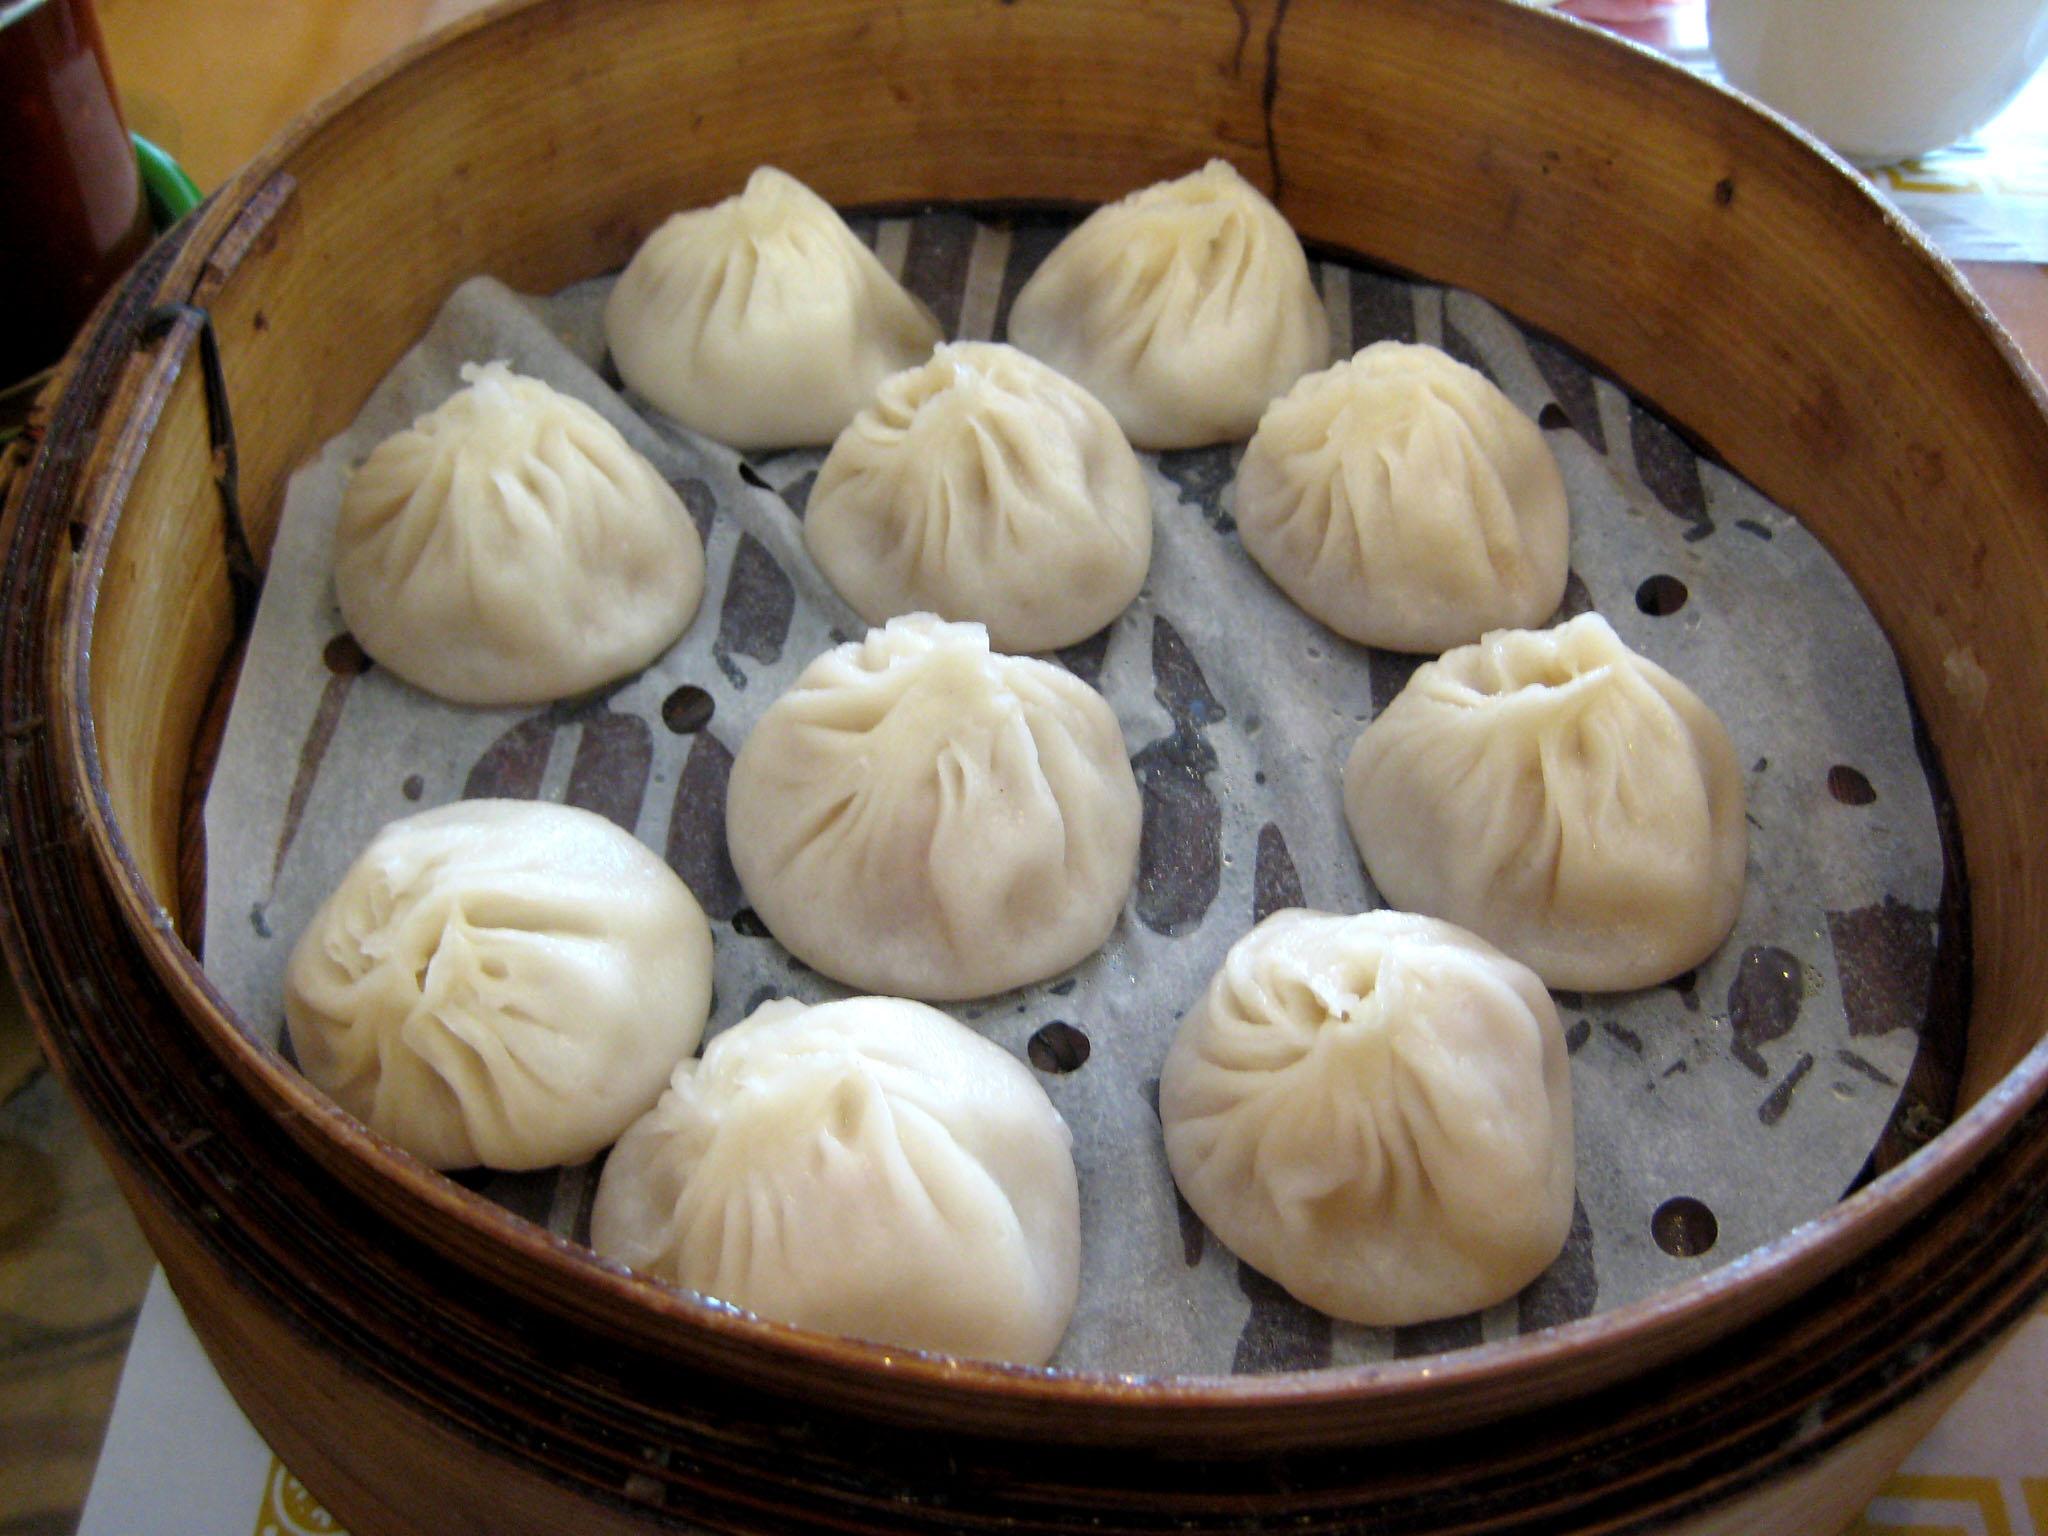 xiao long bao crystal jade la mian xiao long xia long bao dumplings ...